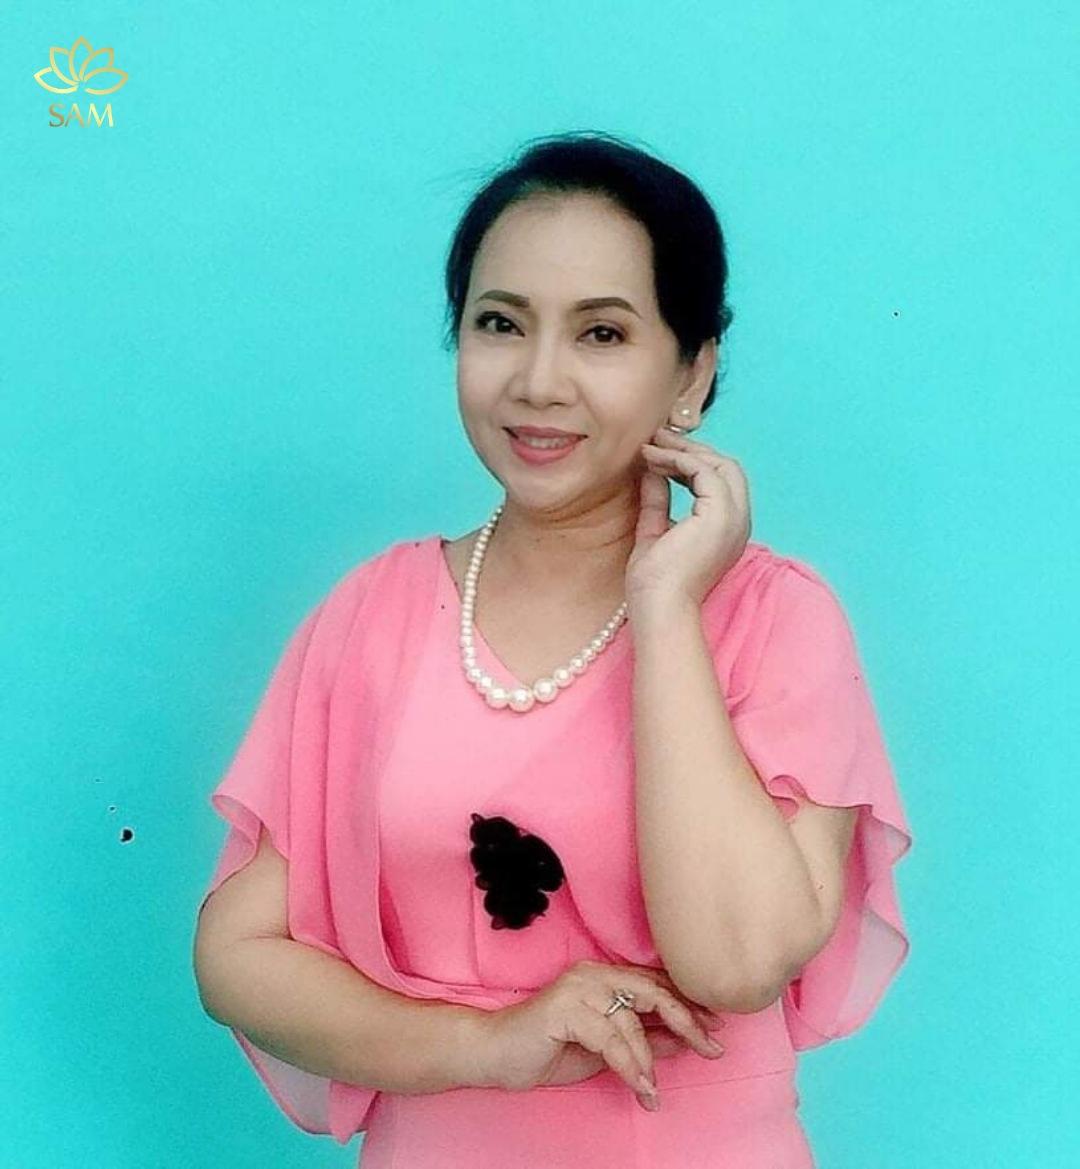 Diễn viên Phương Ngọc và nỗi niềm mấy mươi năm